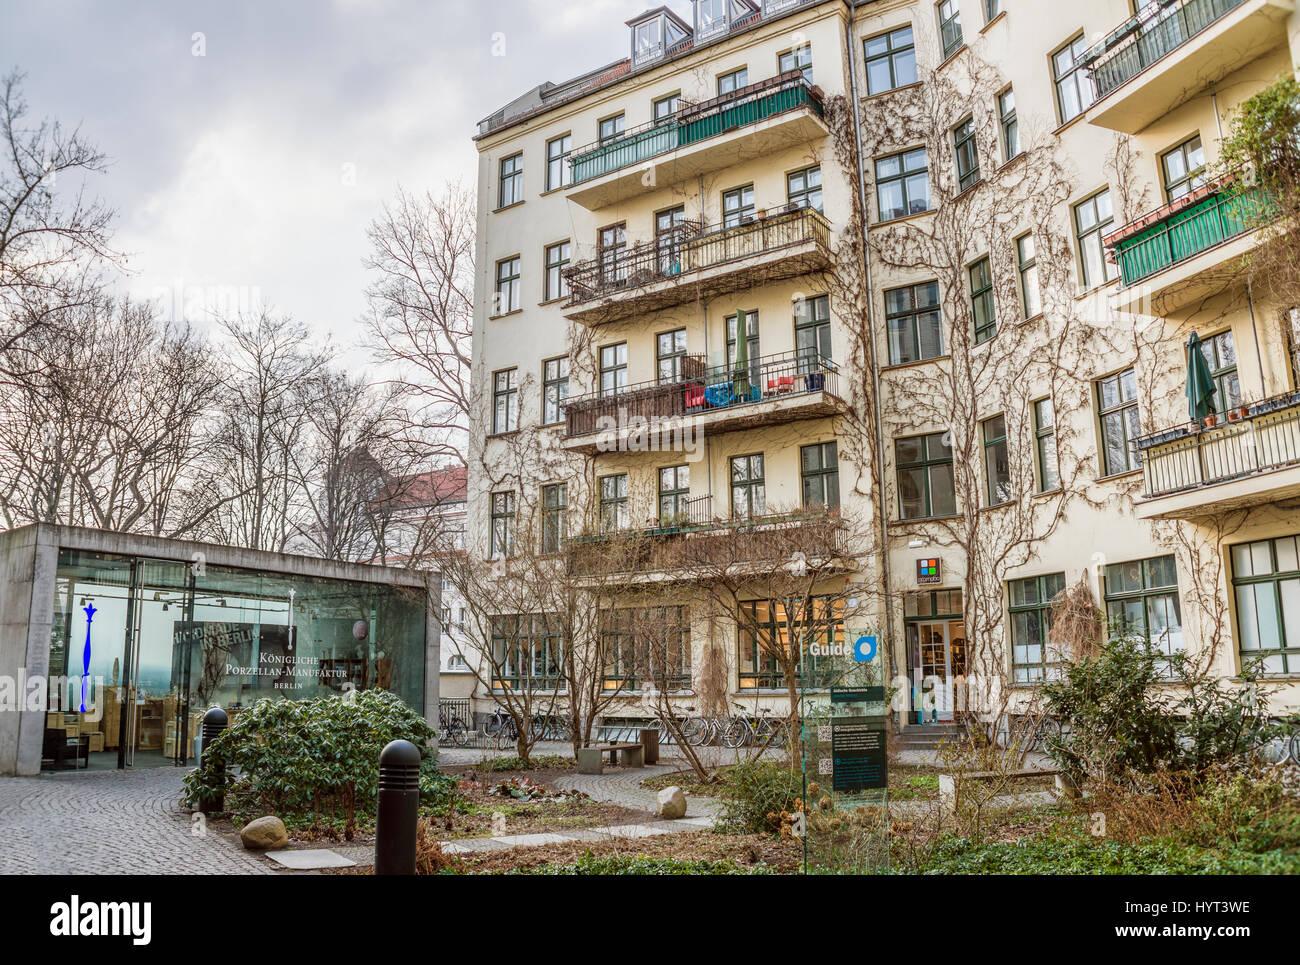 Historischer Hinterhof in den Hackeschen Höfen in Berlin, Deutschland | Historic courtyard garden of Hackesche - Stock Image